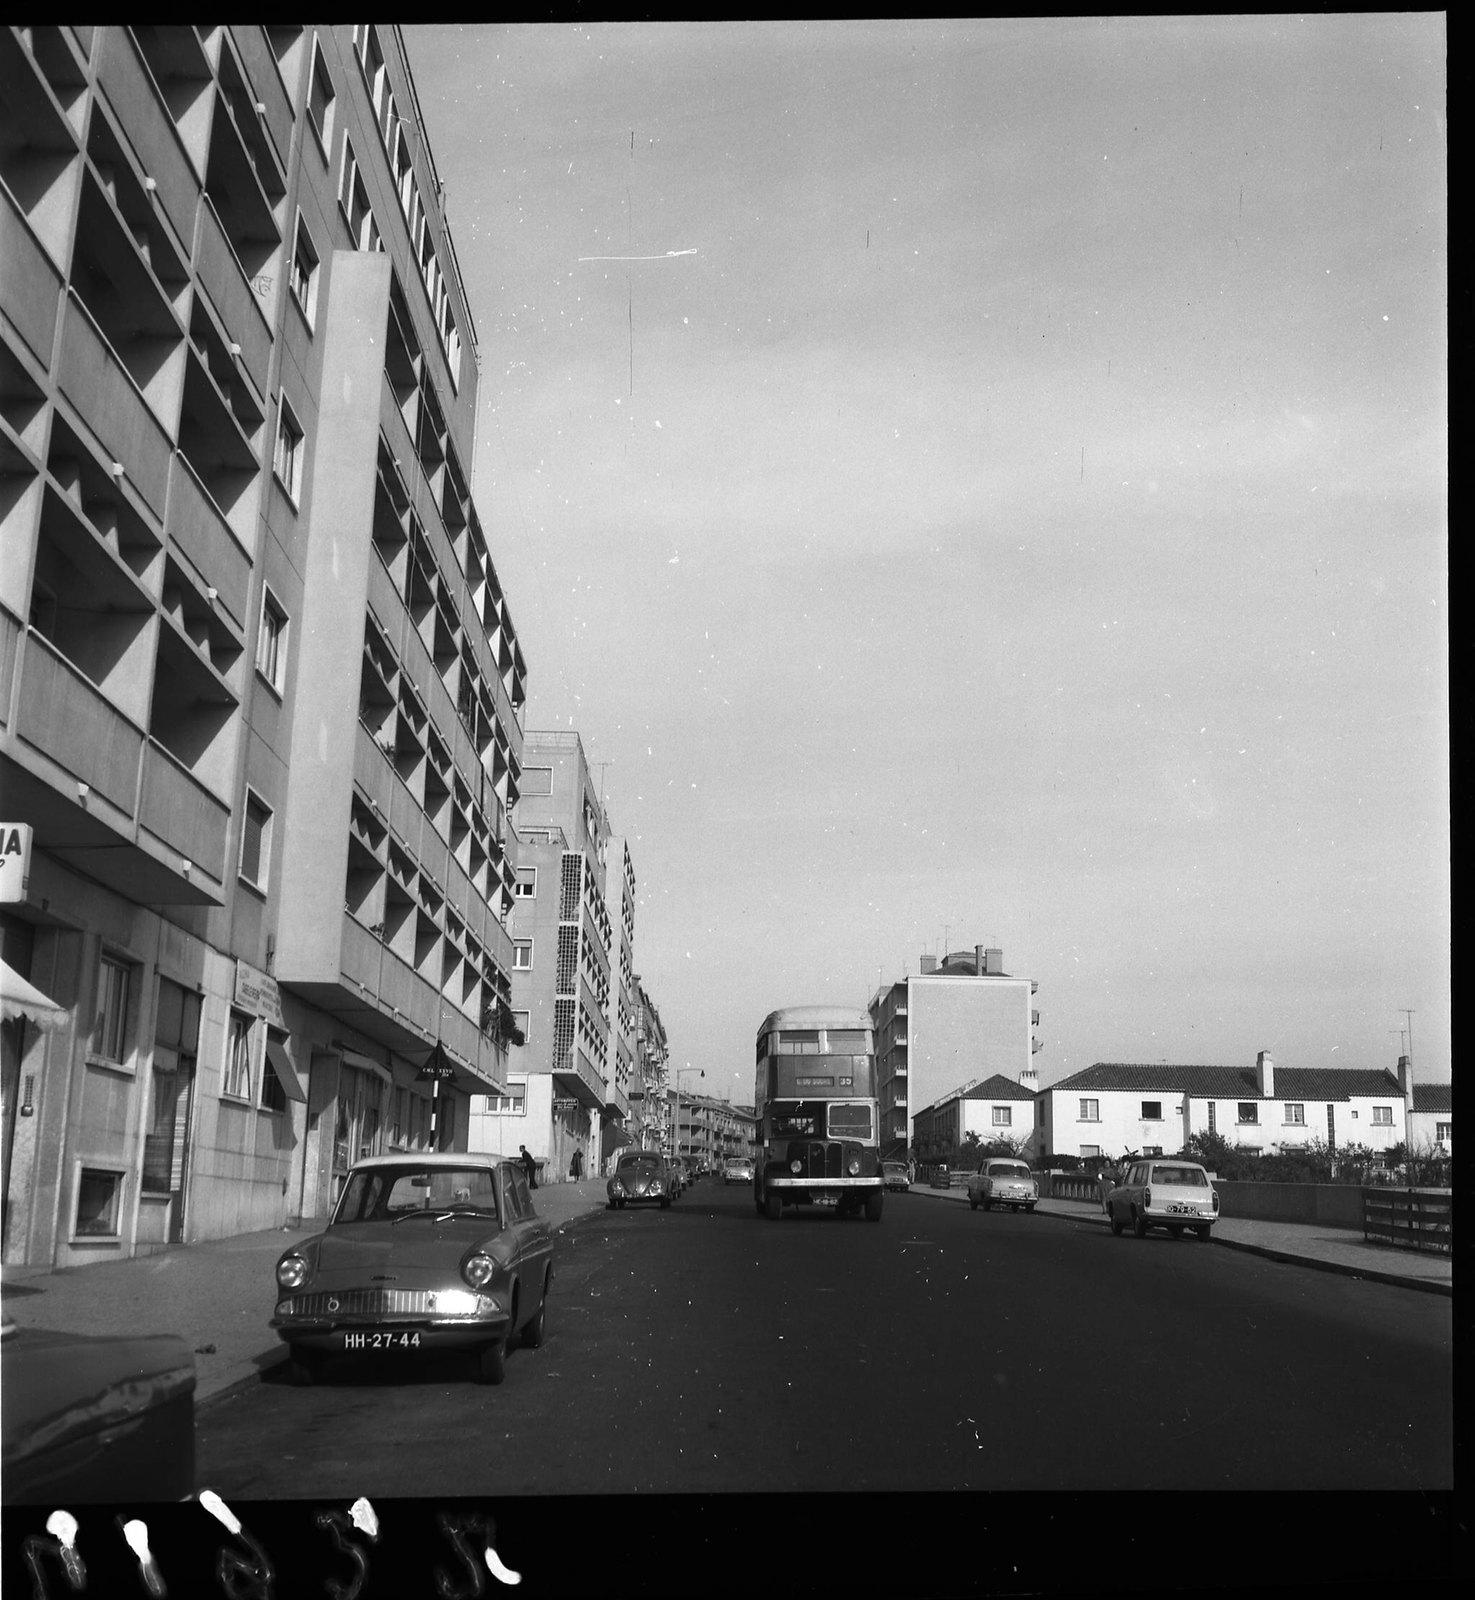 Autocarro 35, Av. Gen. Roçadas (A Goulart, 1963)